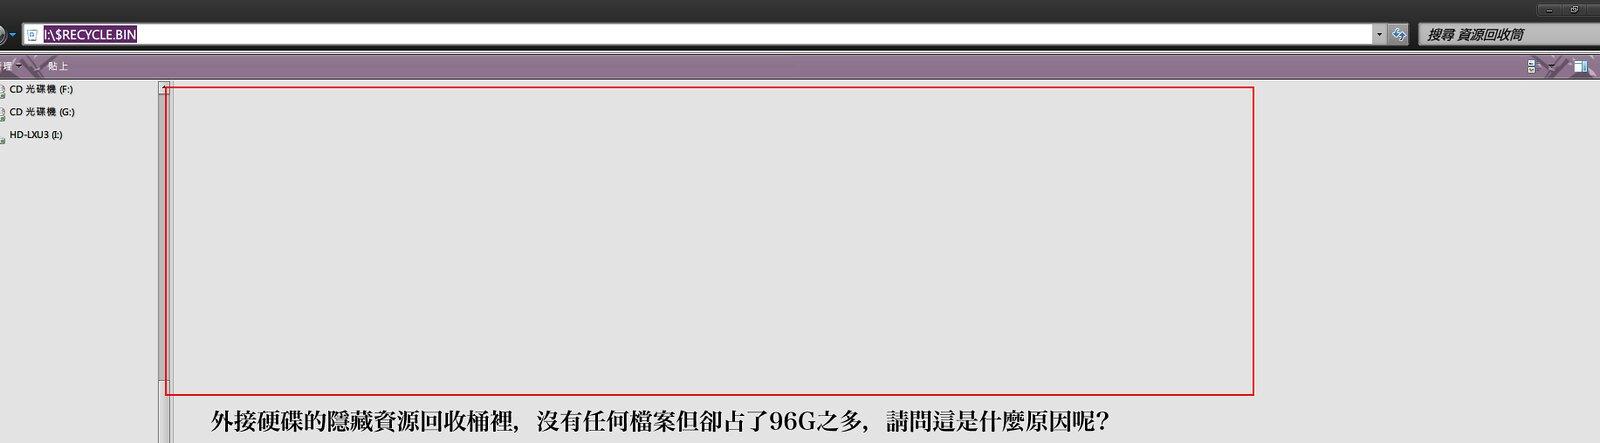 30062634371_b687c0d72d_h_d.jpg